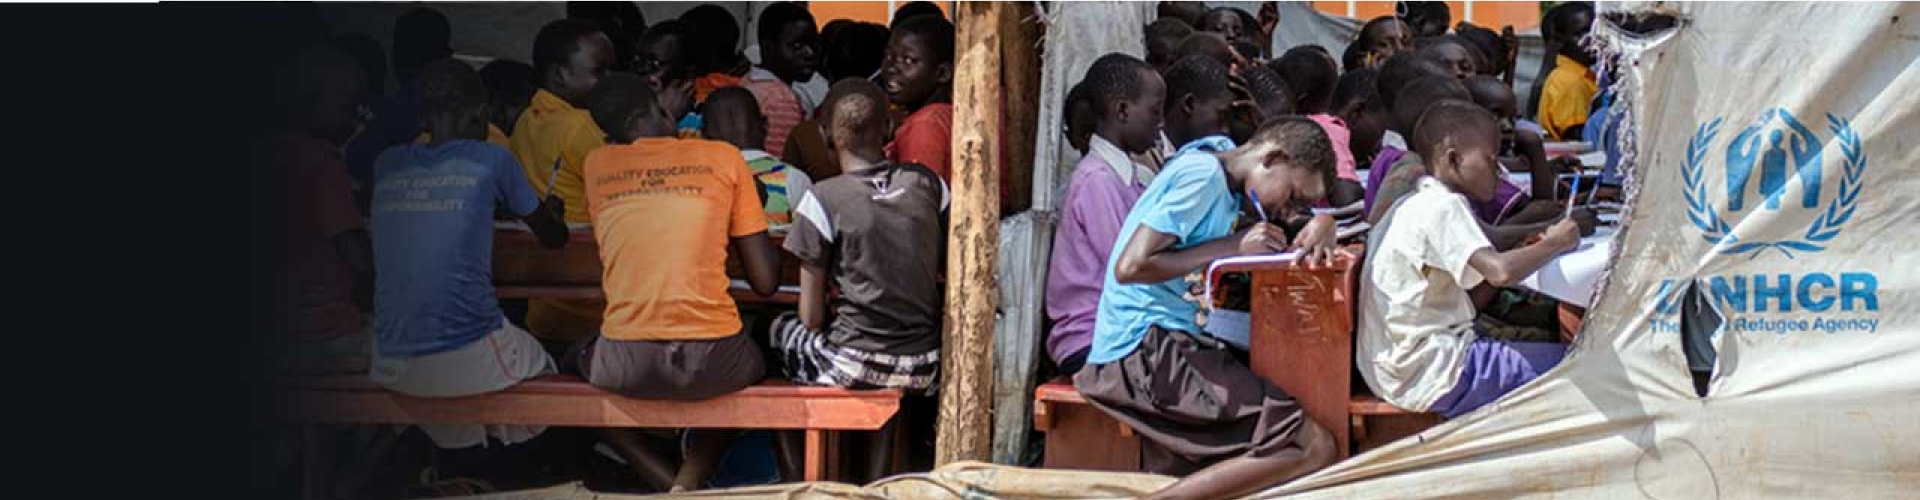 รายงานแนวโน้มโลก 2560: จำนวนผู้ถูกบังคับให้พลัดถิ่นสูงกว่า 68 ล้านคนในปี 2560 จำเป็นต้องมีข้อตกลงระดับโลกเพื่อผู้ลี้ภัย